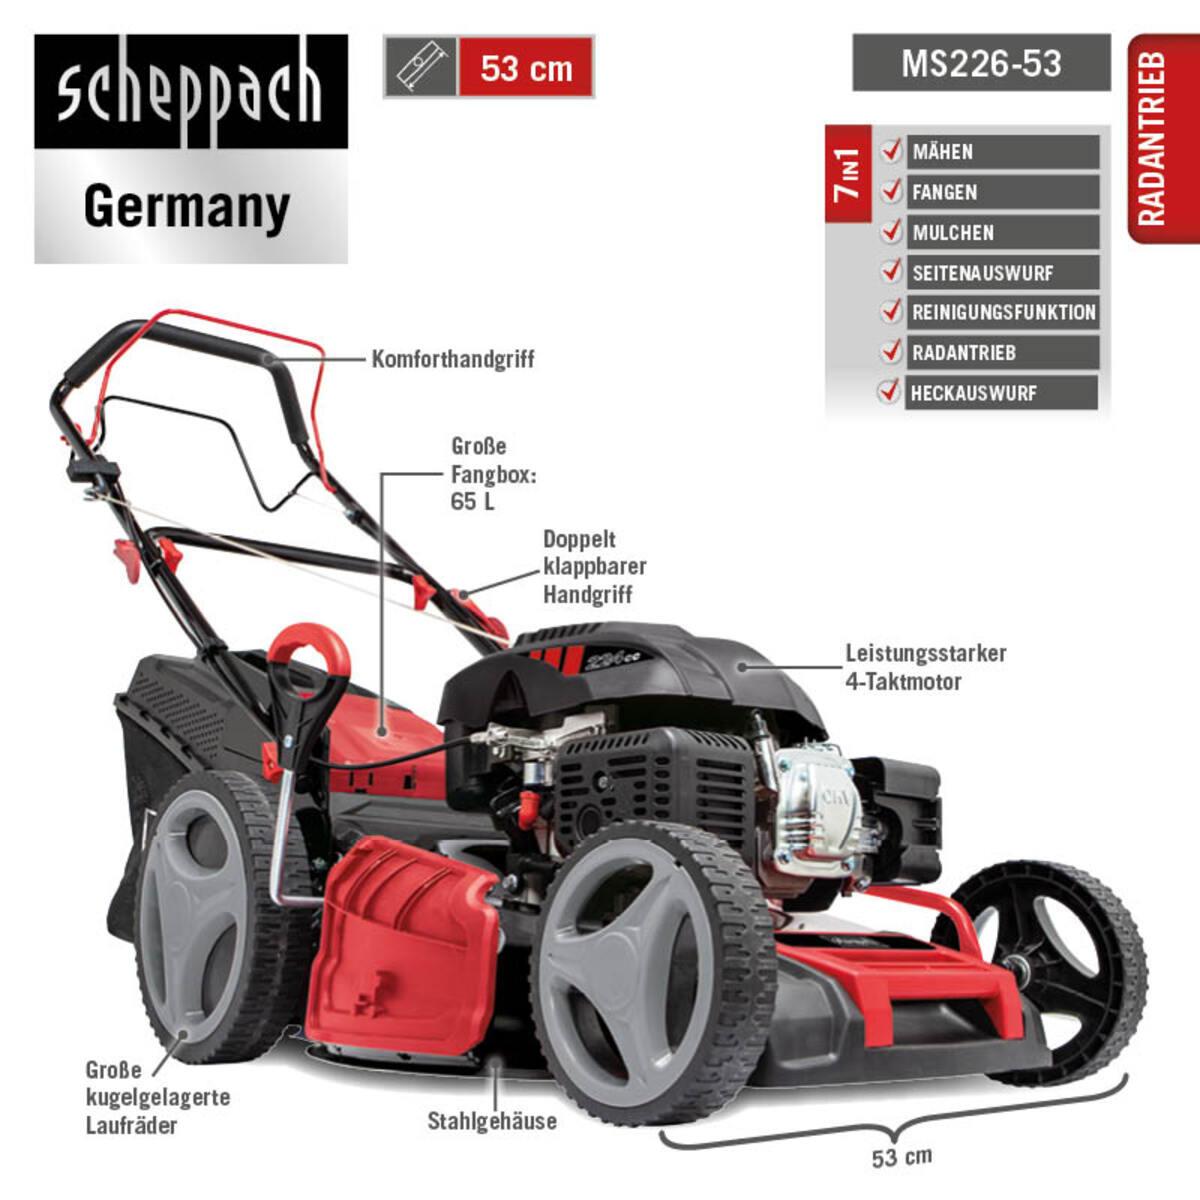 Bild 3 von Scheppach 6 in 1 Benzin-Rasenmäher MS226-53 SE